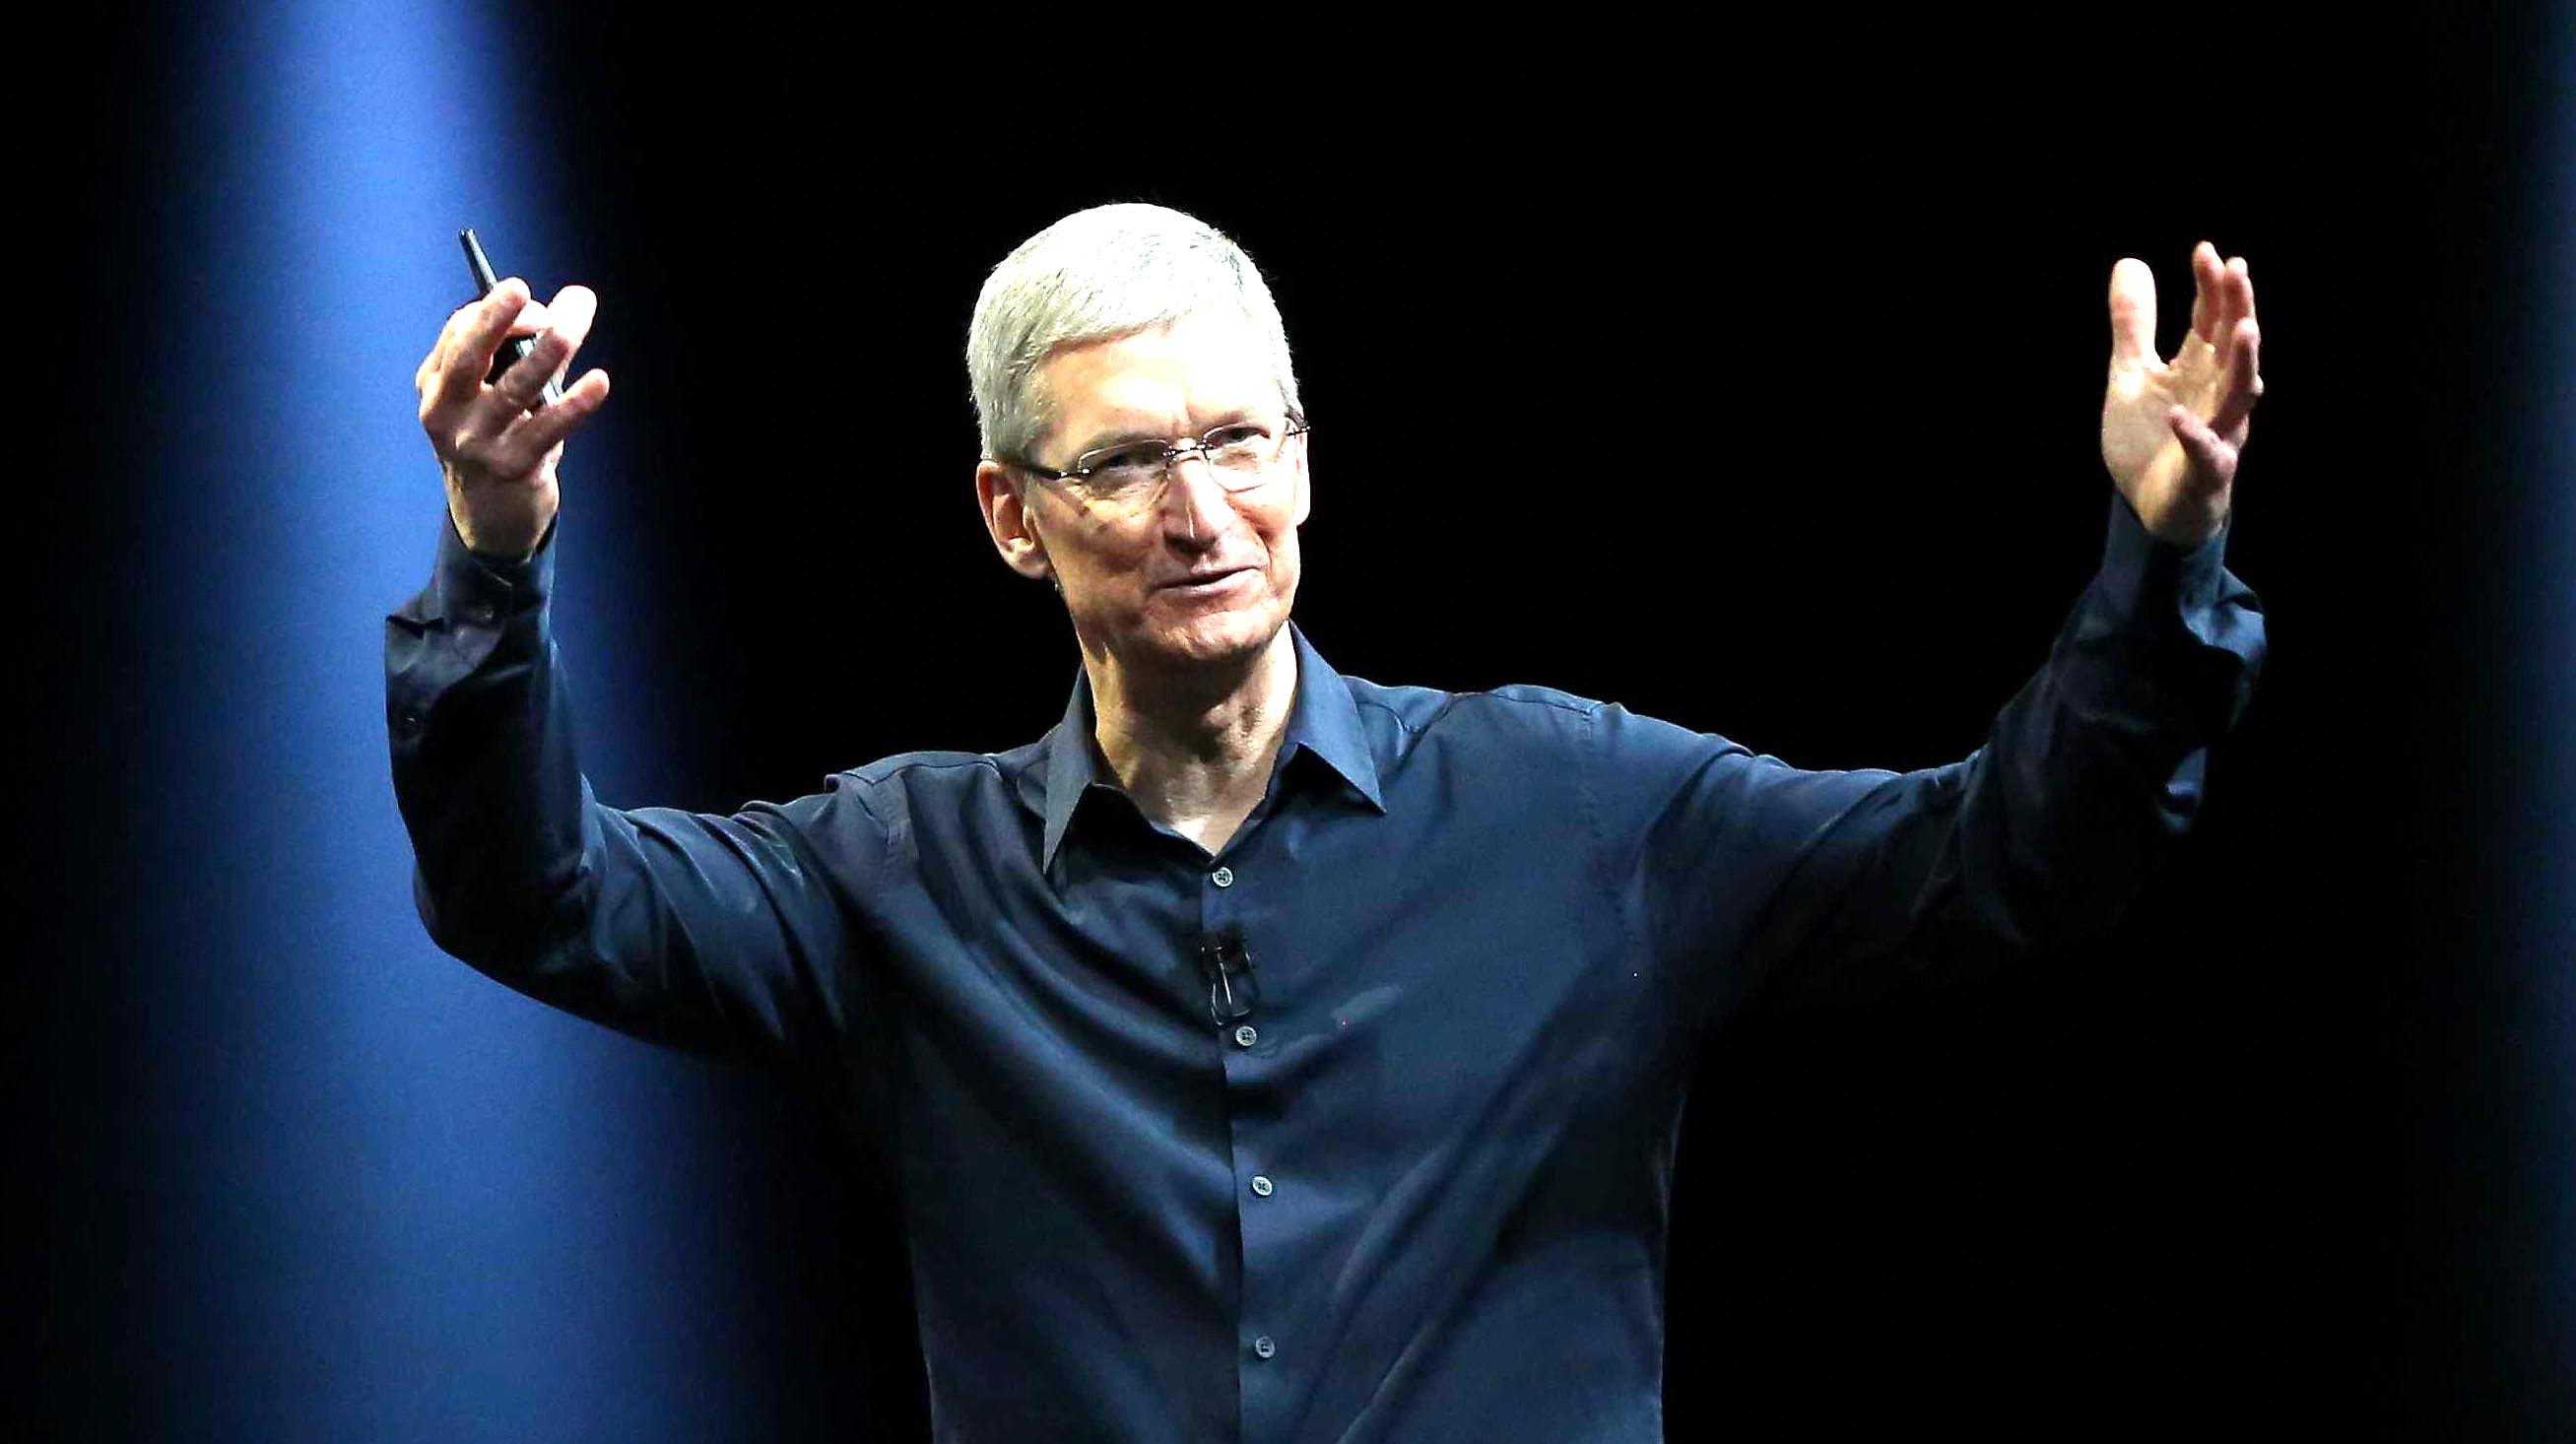 库克故意的?苹果发布会跟华为P30发布放在同一天!你更看好谁?